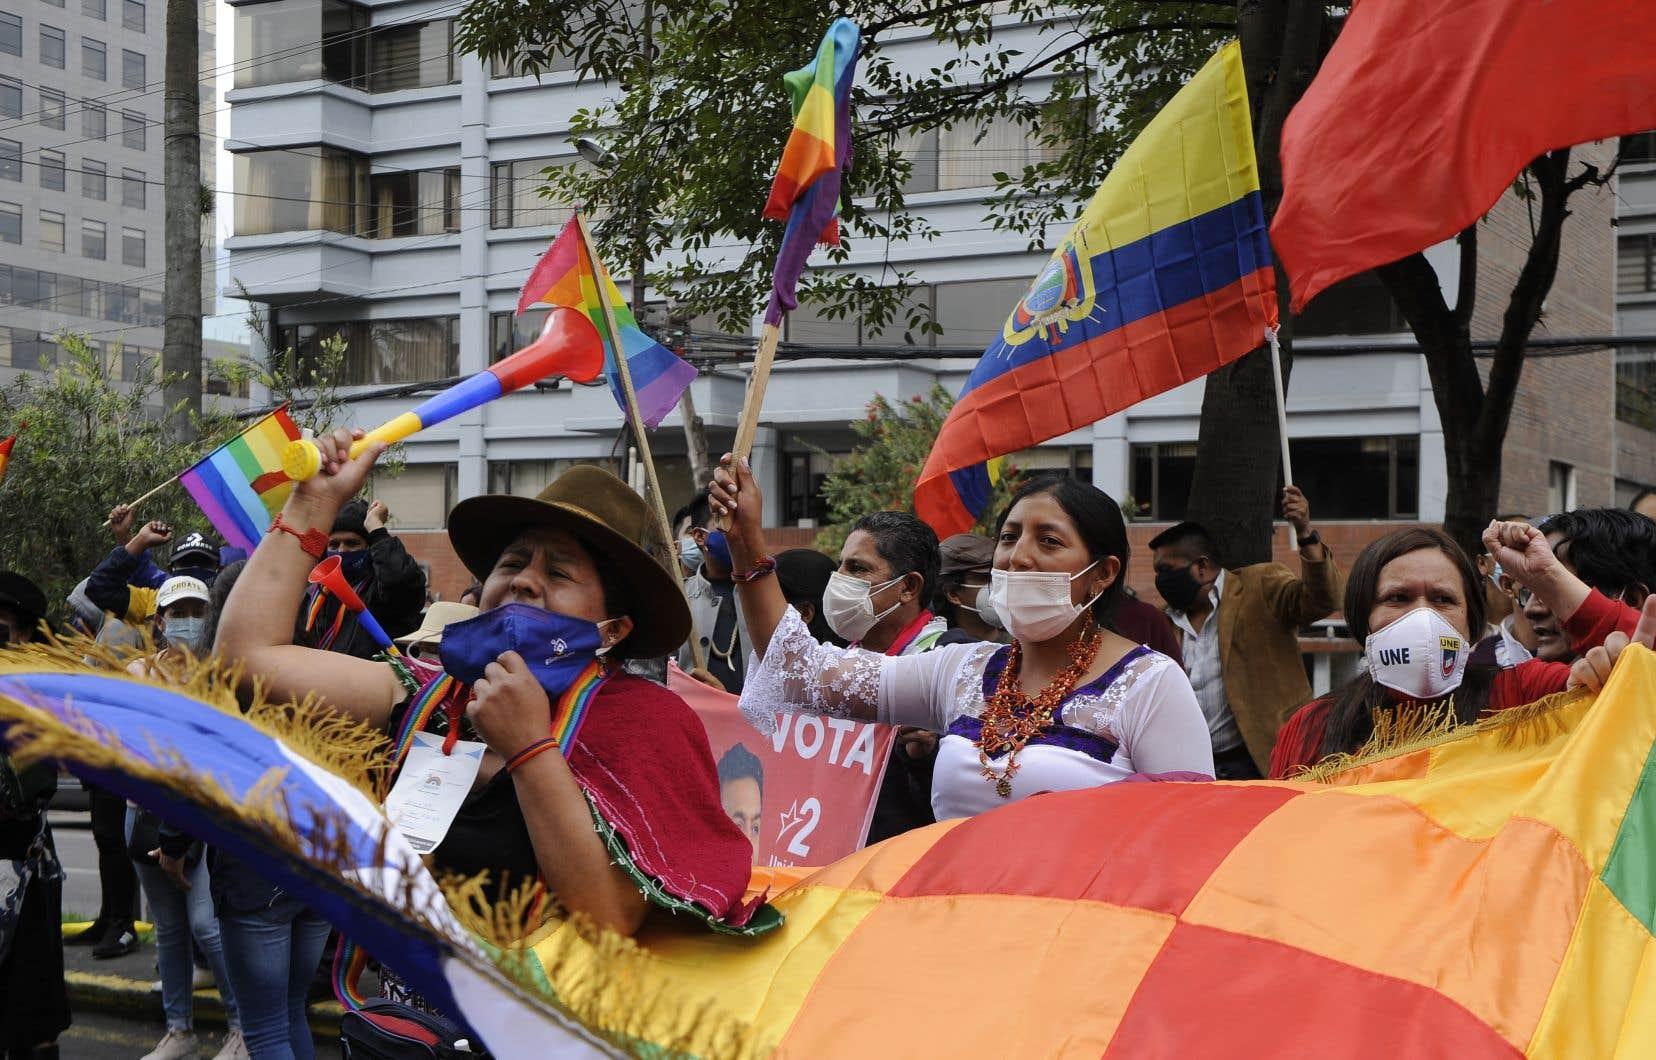 Des supporteurs du candidat Yaku Perez, avocat de gauche, à Quito, lundi